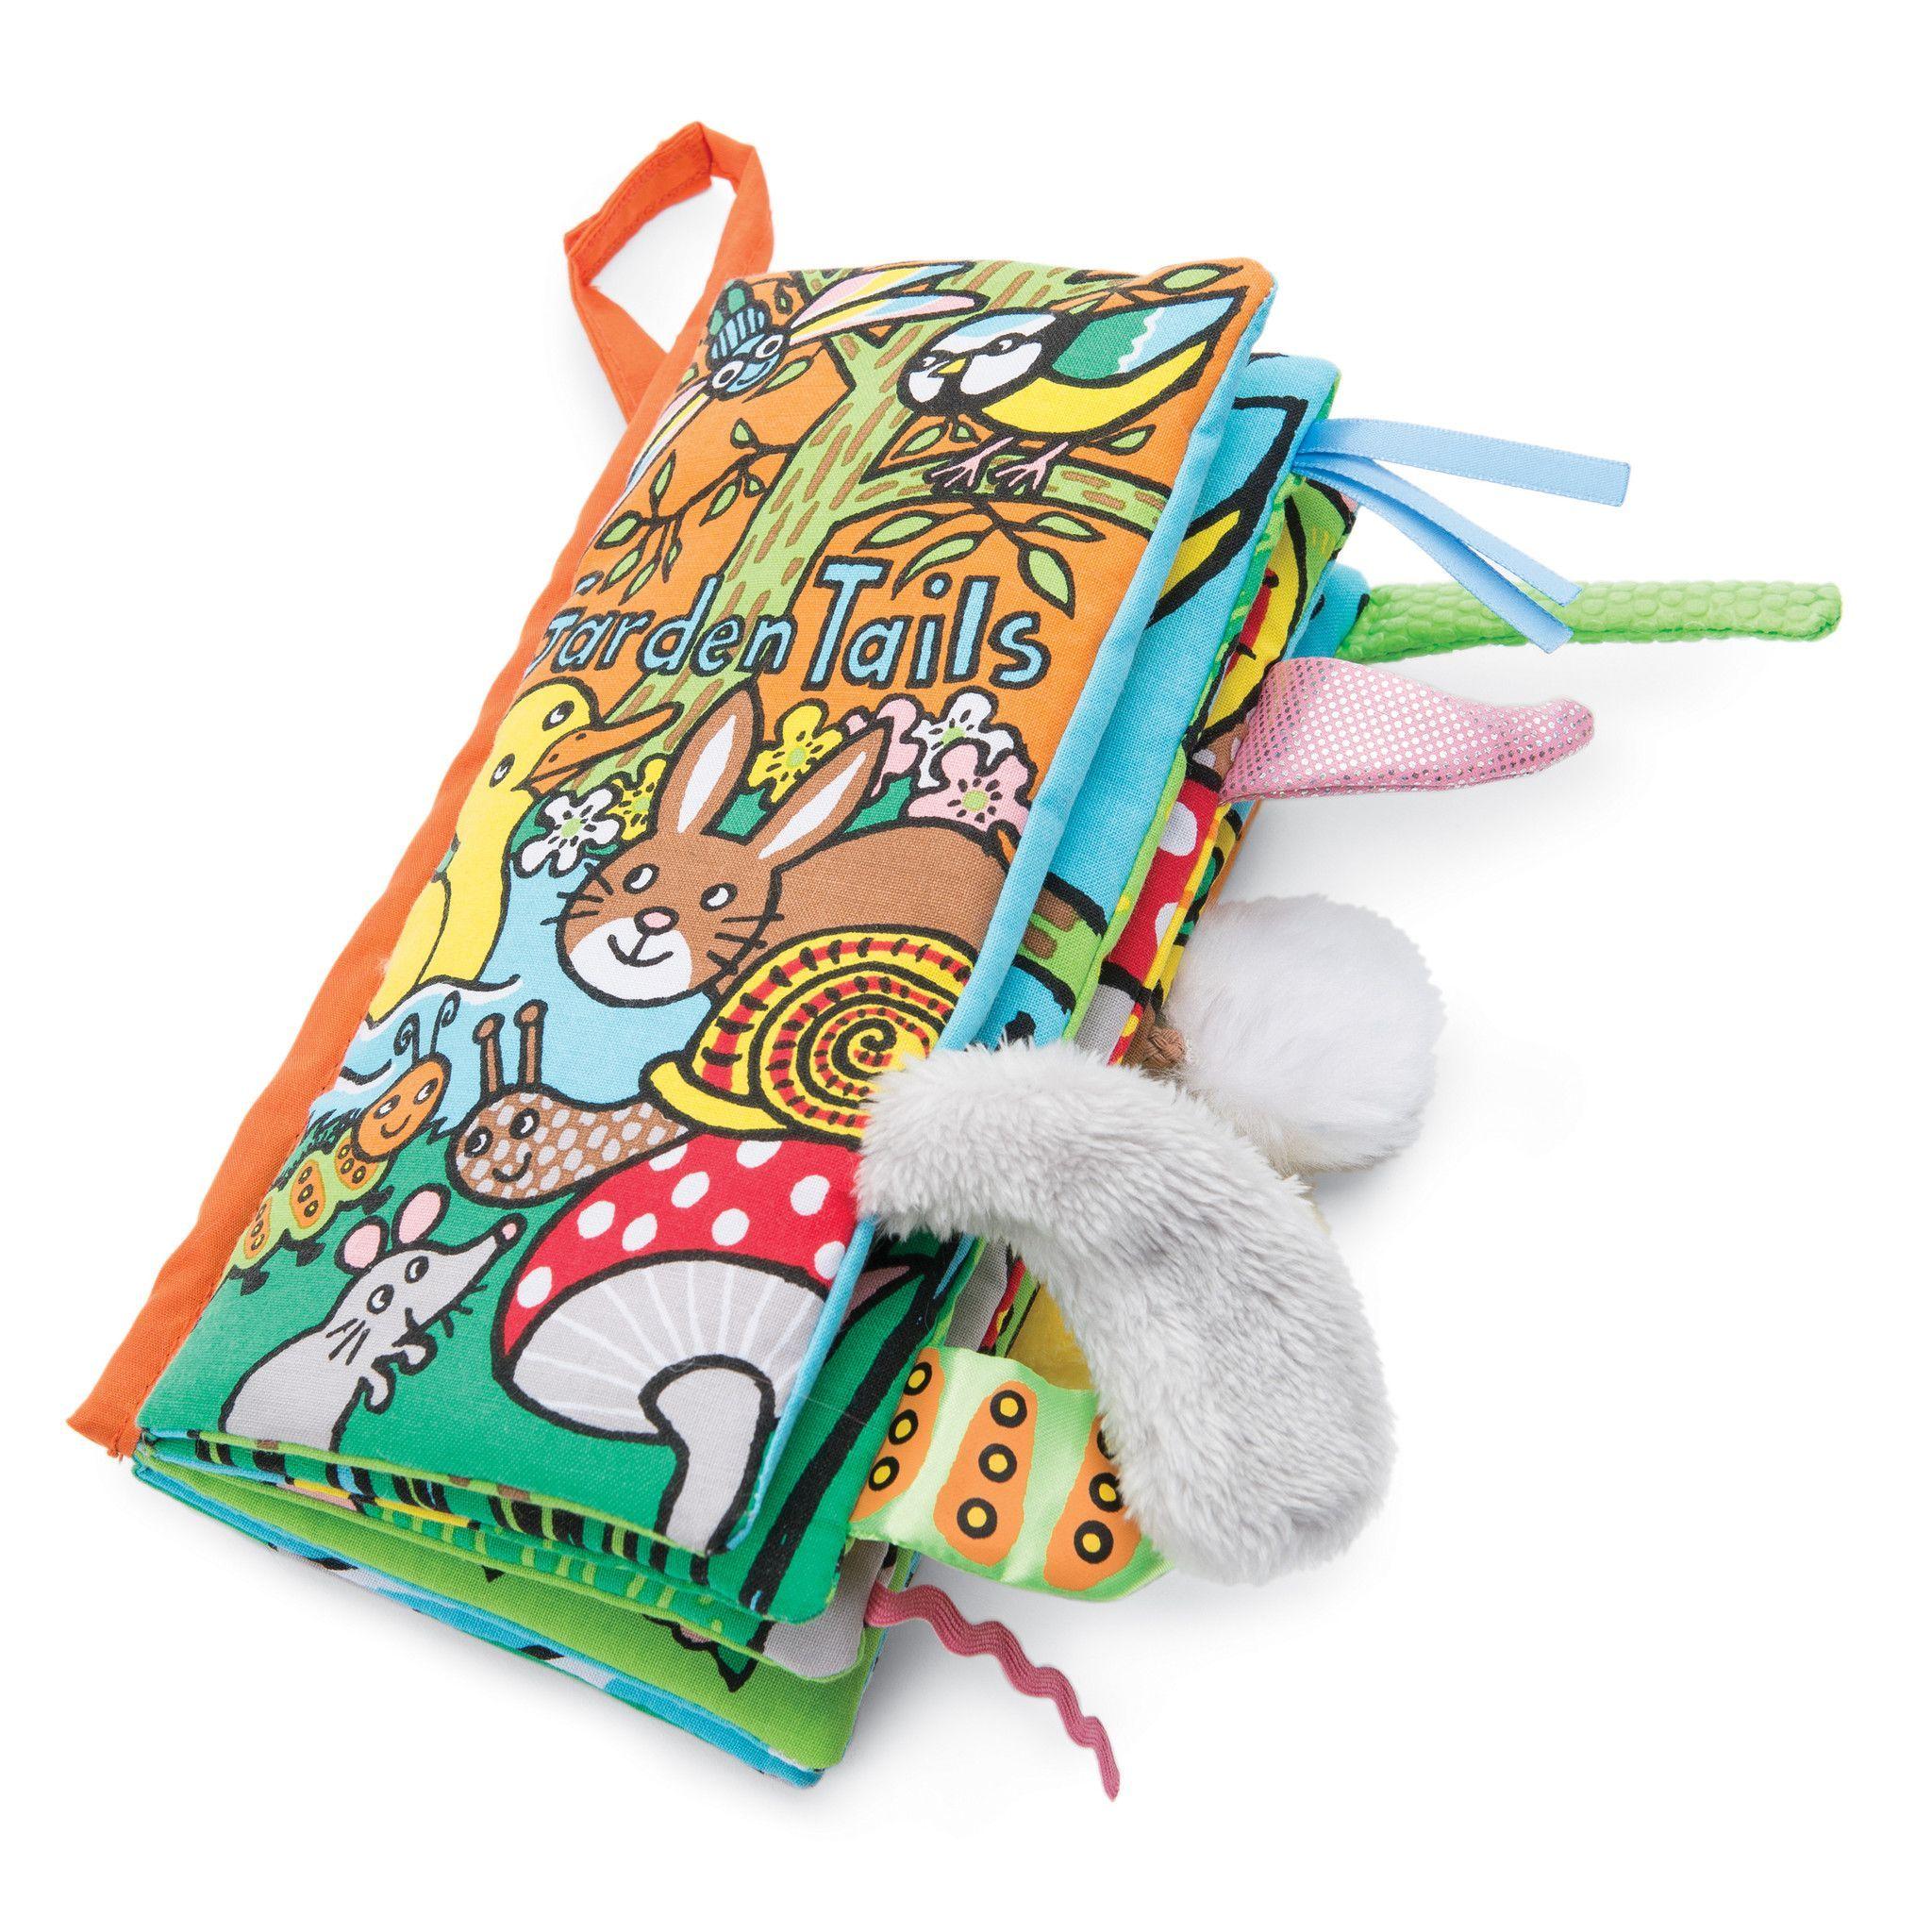 Jellycat Soft Book Garden Tails